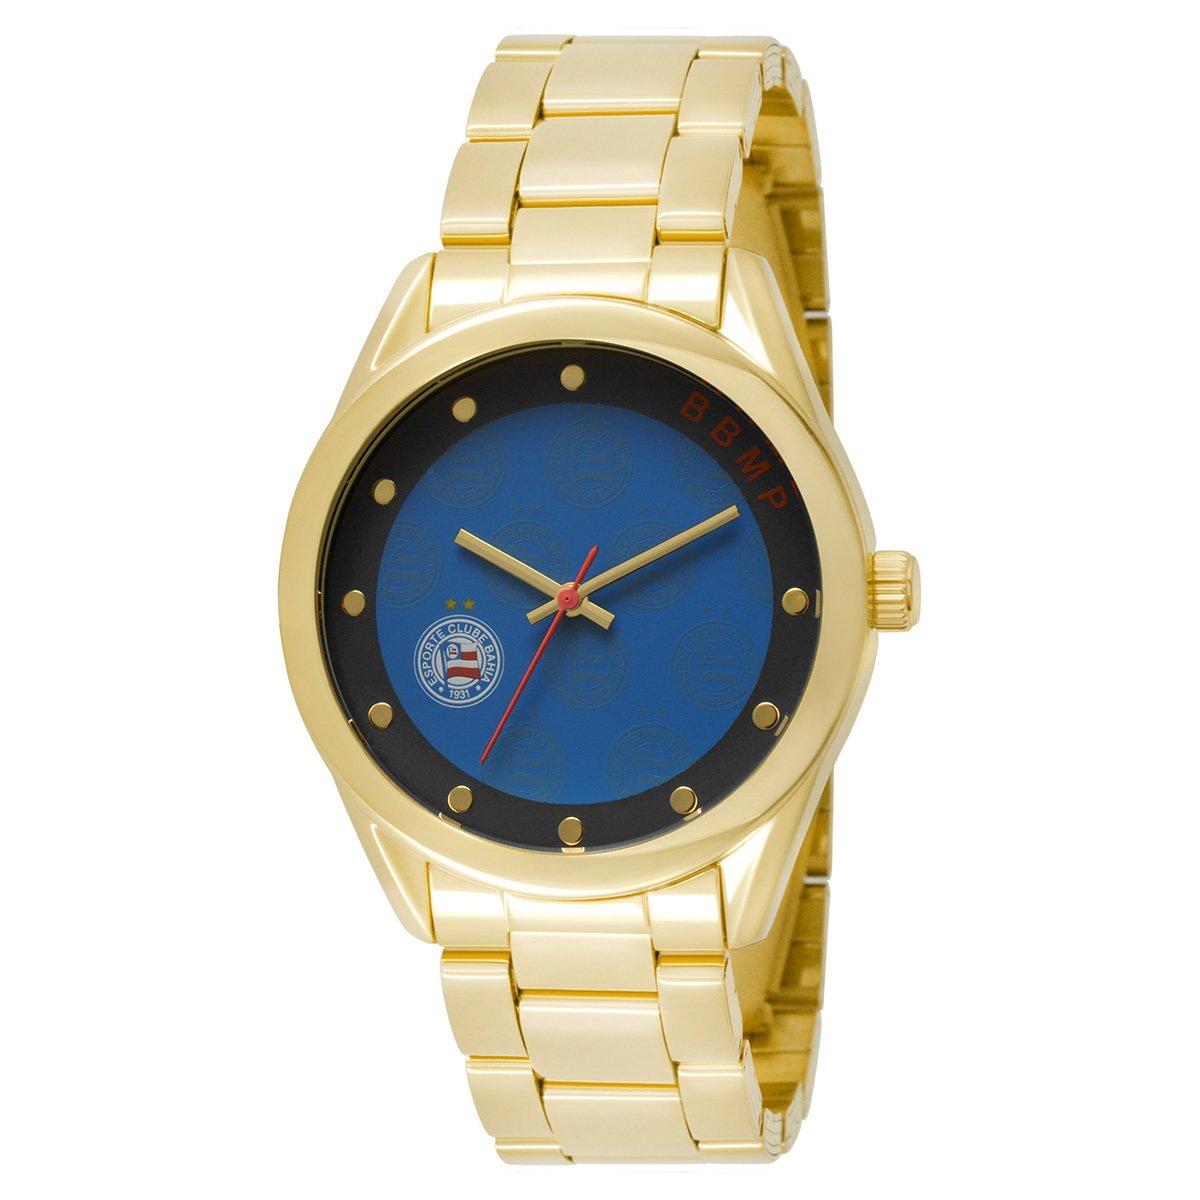 d4264ffecad Relógio Bahia Technos Analógico 5 ATM Feminino - Dourado e Azul - Compre  Agora